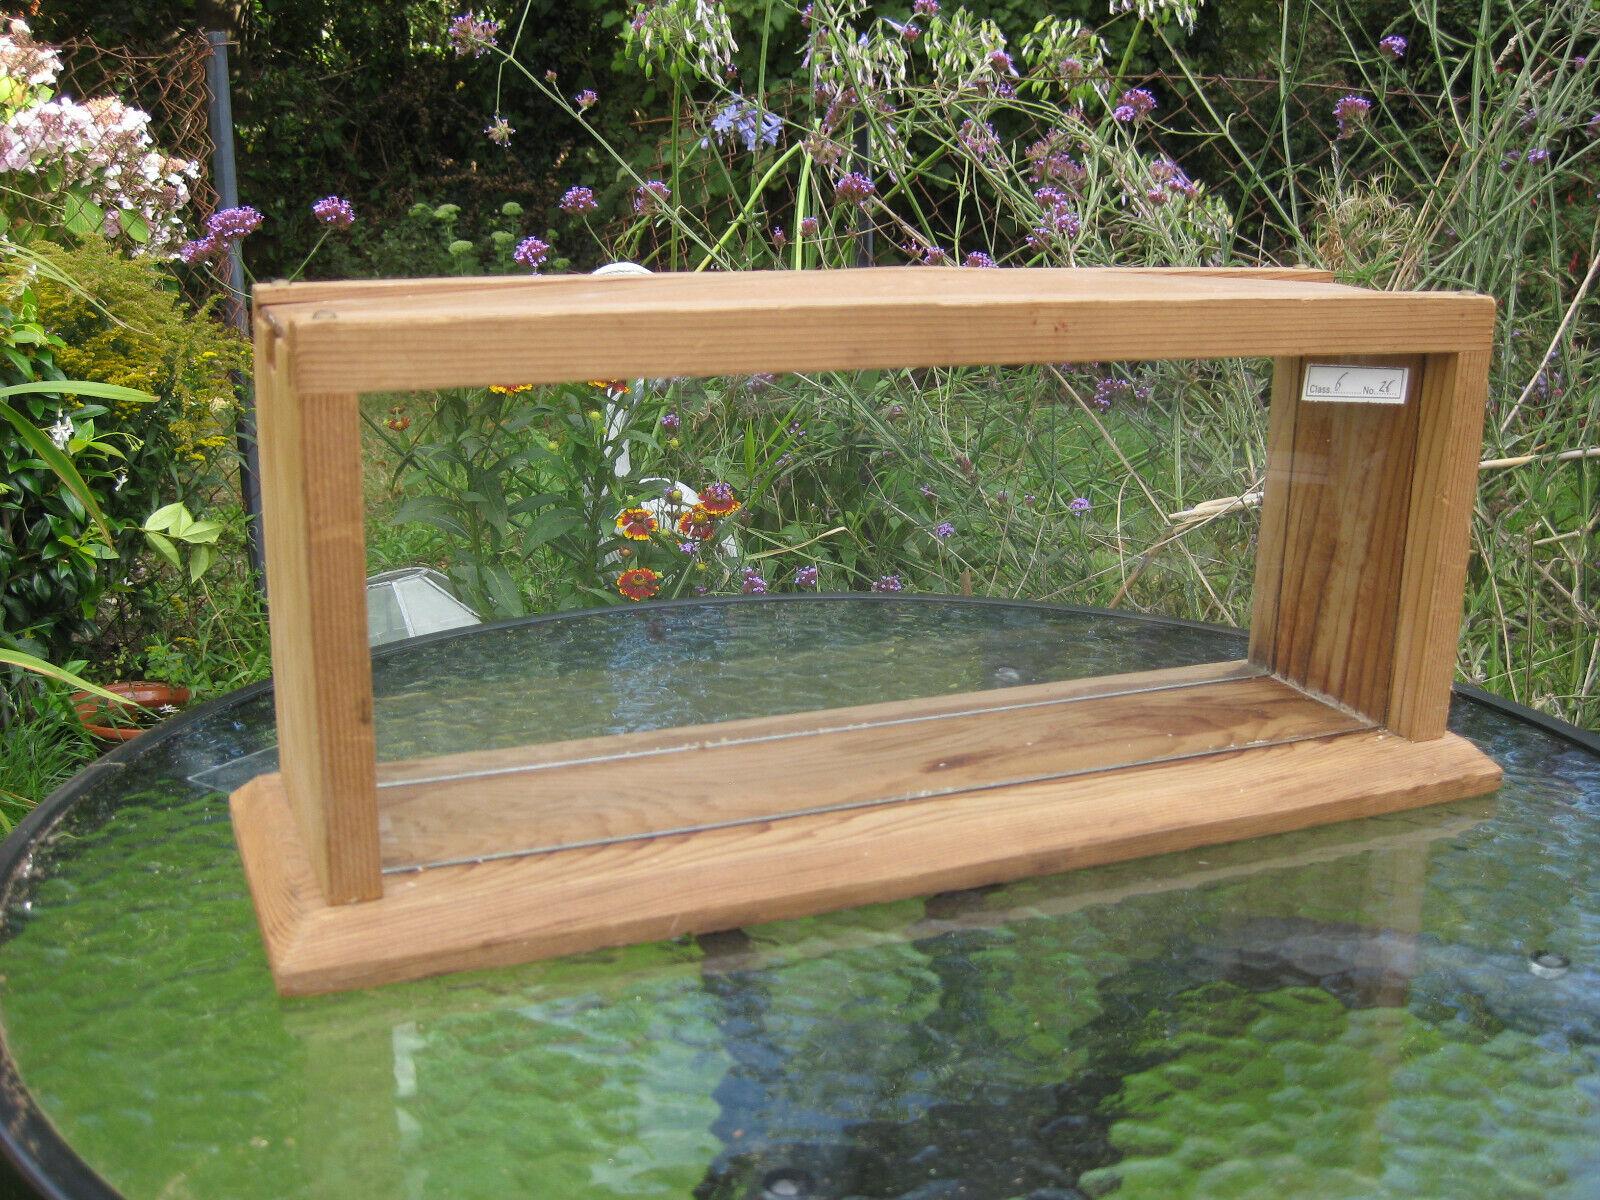 BEL legno di Ciliegio Apicoltura vetro a nido d'apeosservazione visualizzazione infisso